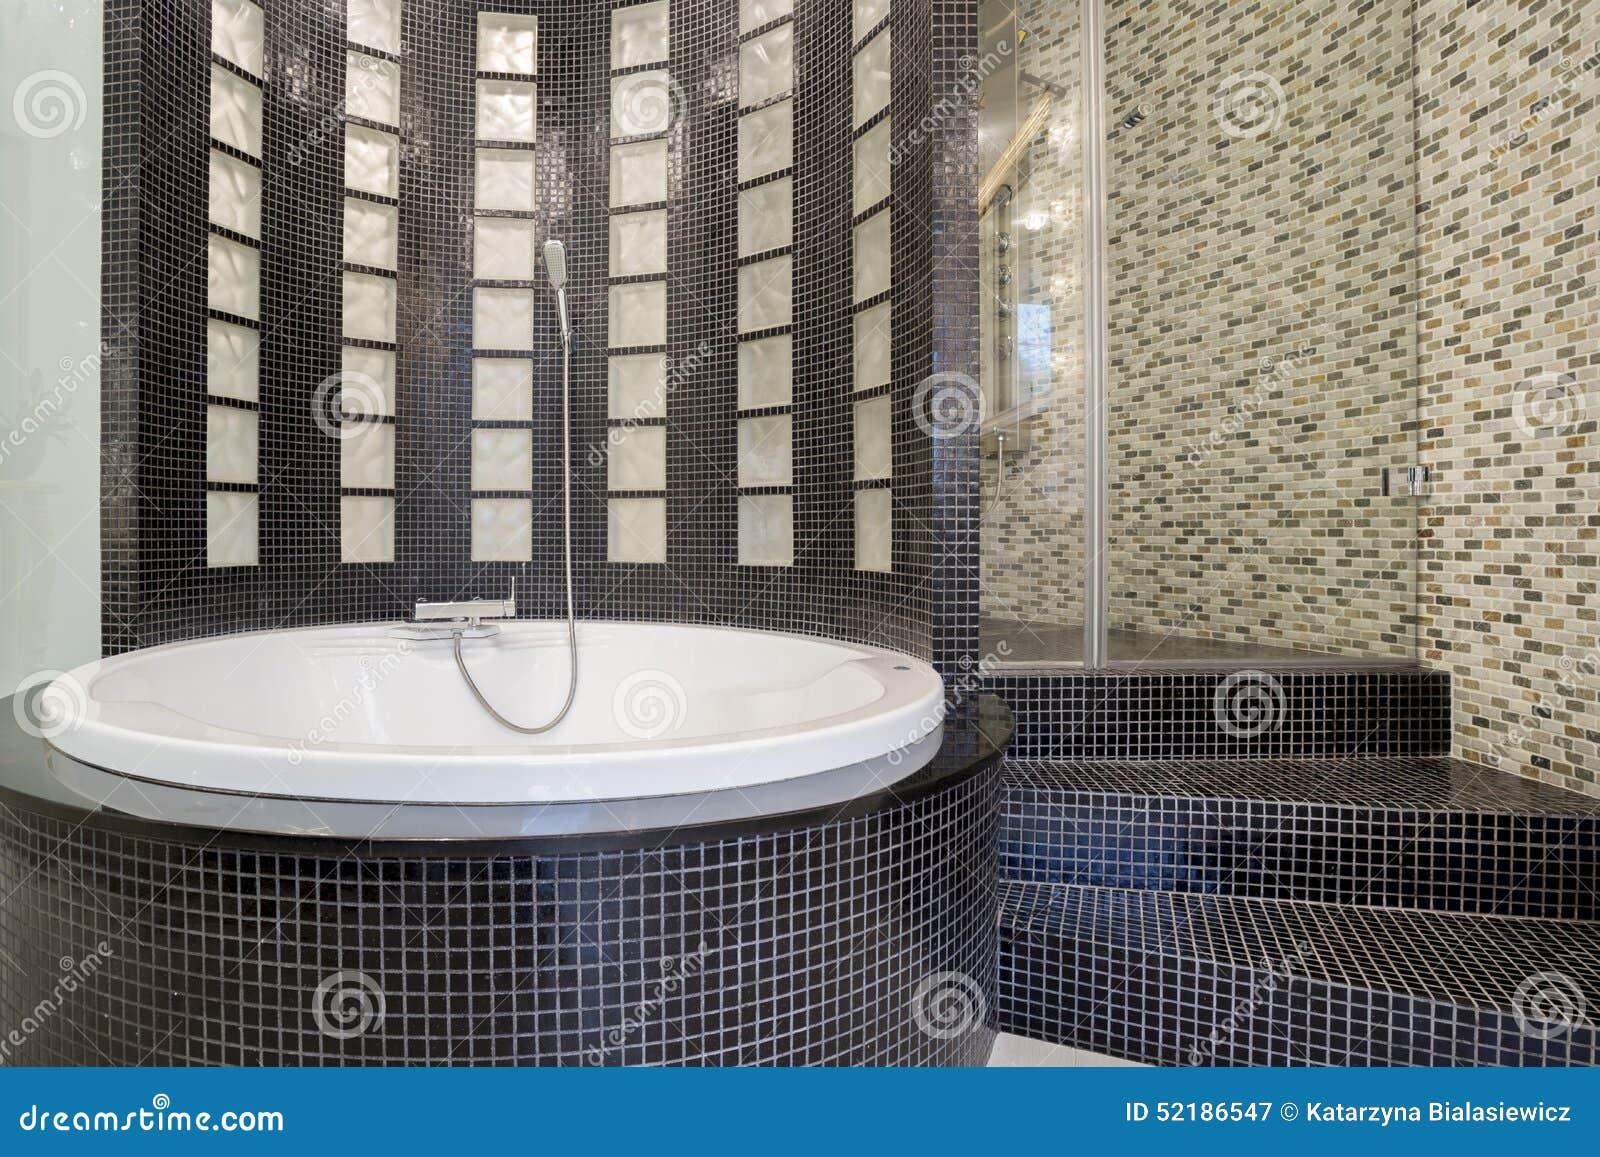 Banheira Redonda Dentro Do Banheiro Preto Foto de Stock Imagem  #786E53 1300 957